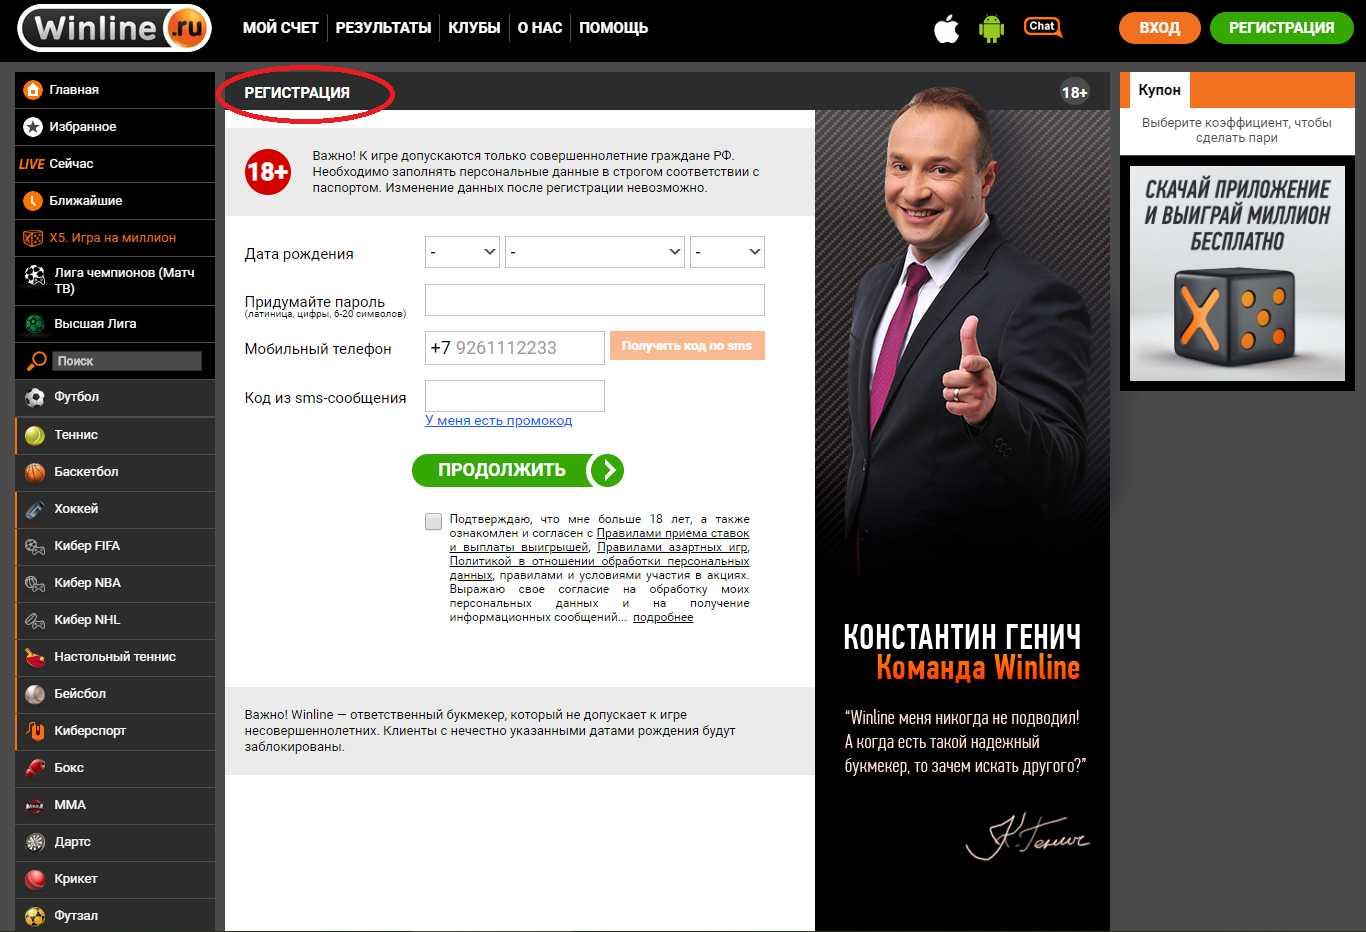 БК Винлайн - регистрация новичка